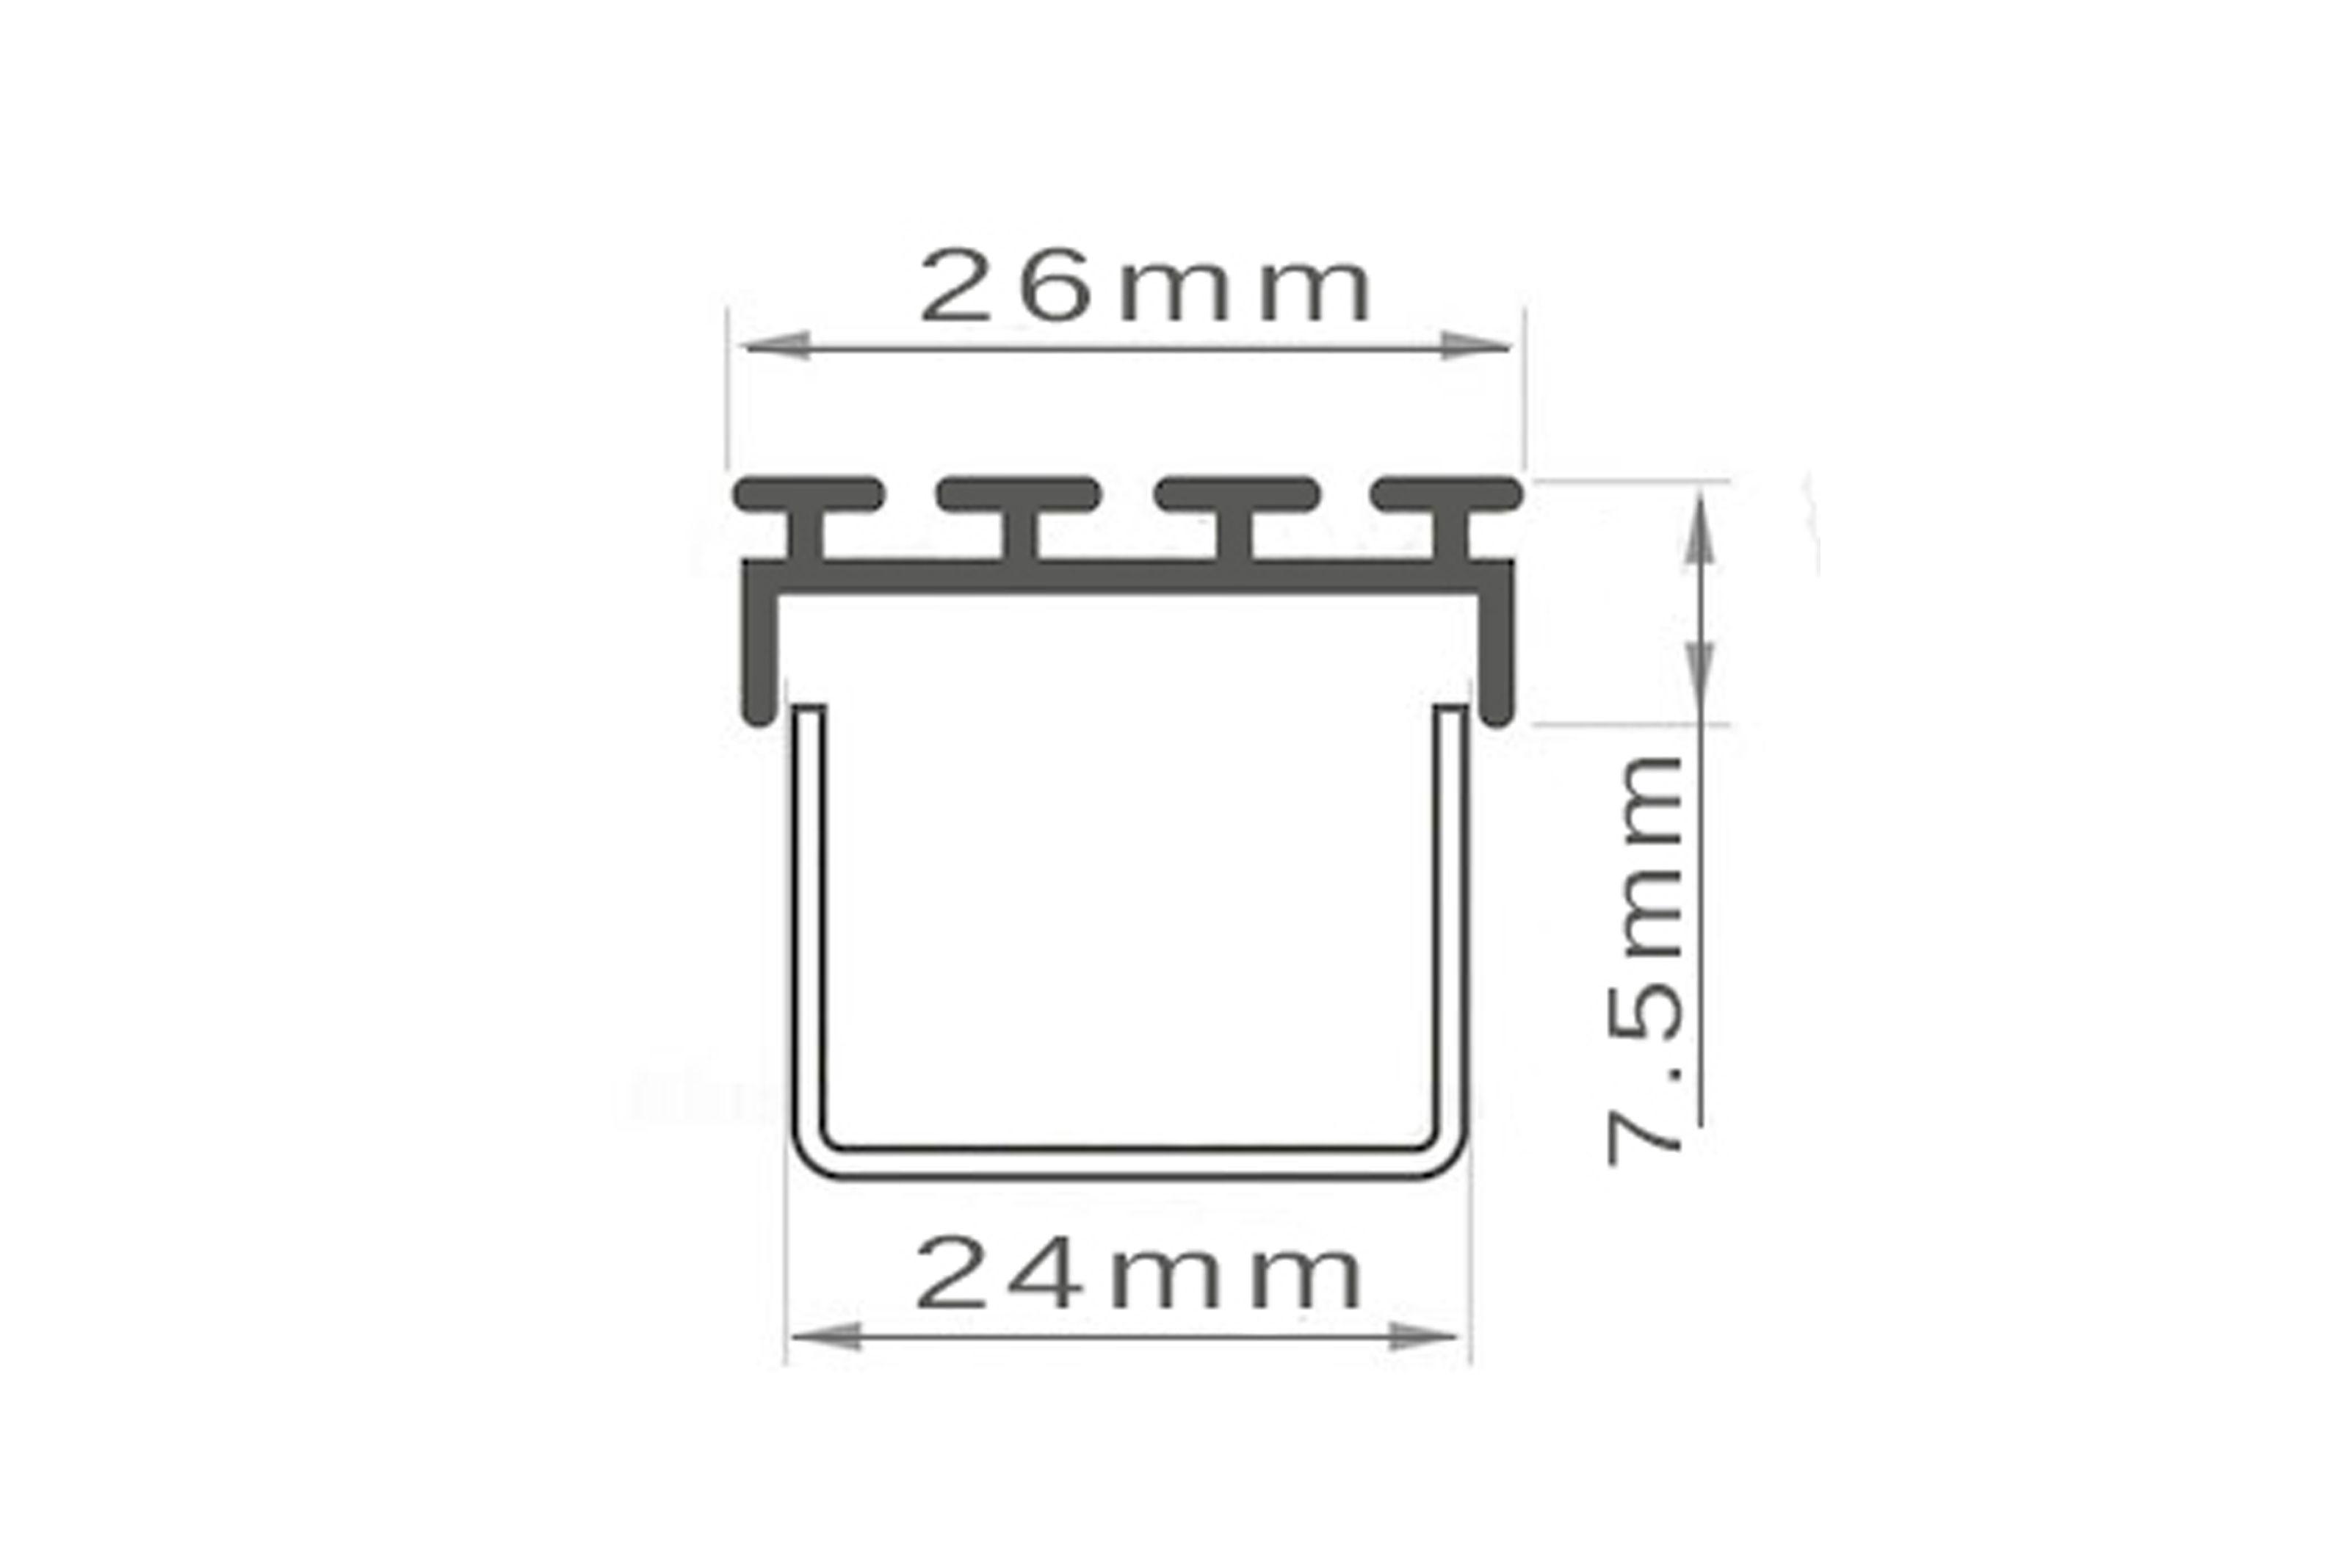 lightlline-grande-square-6-mj-lighting-v2